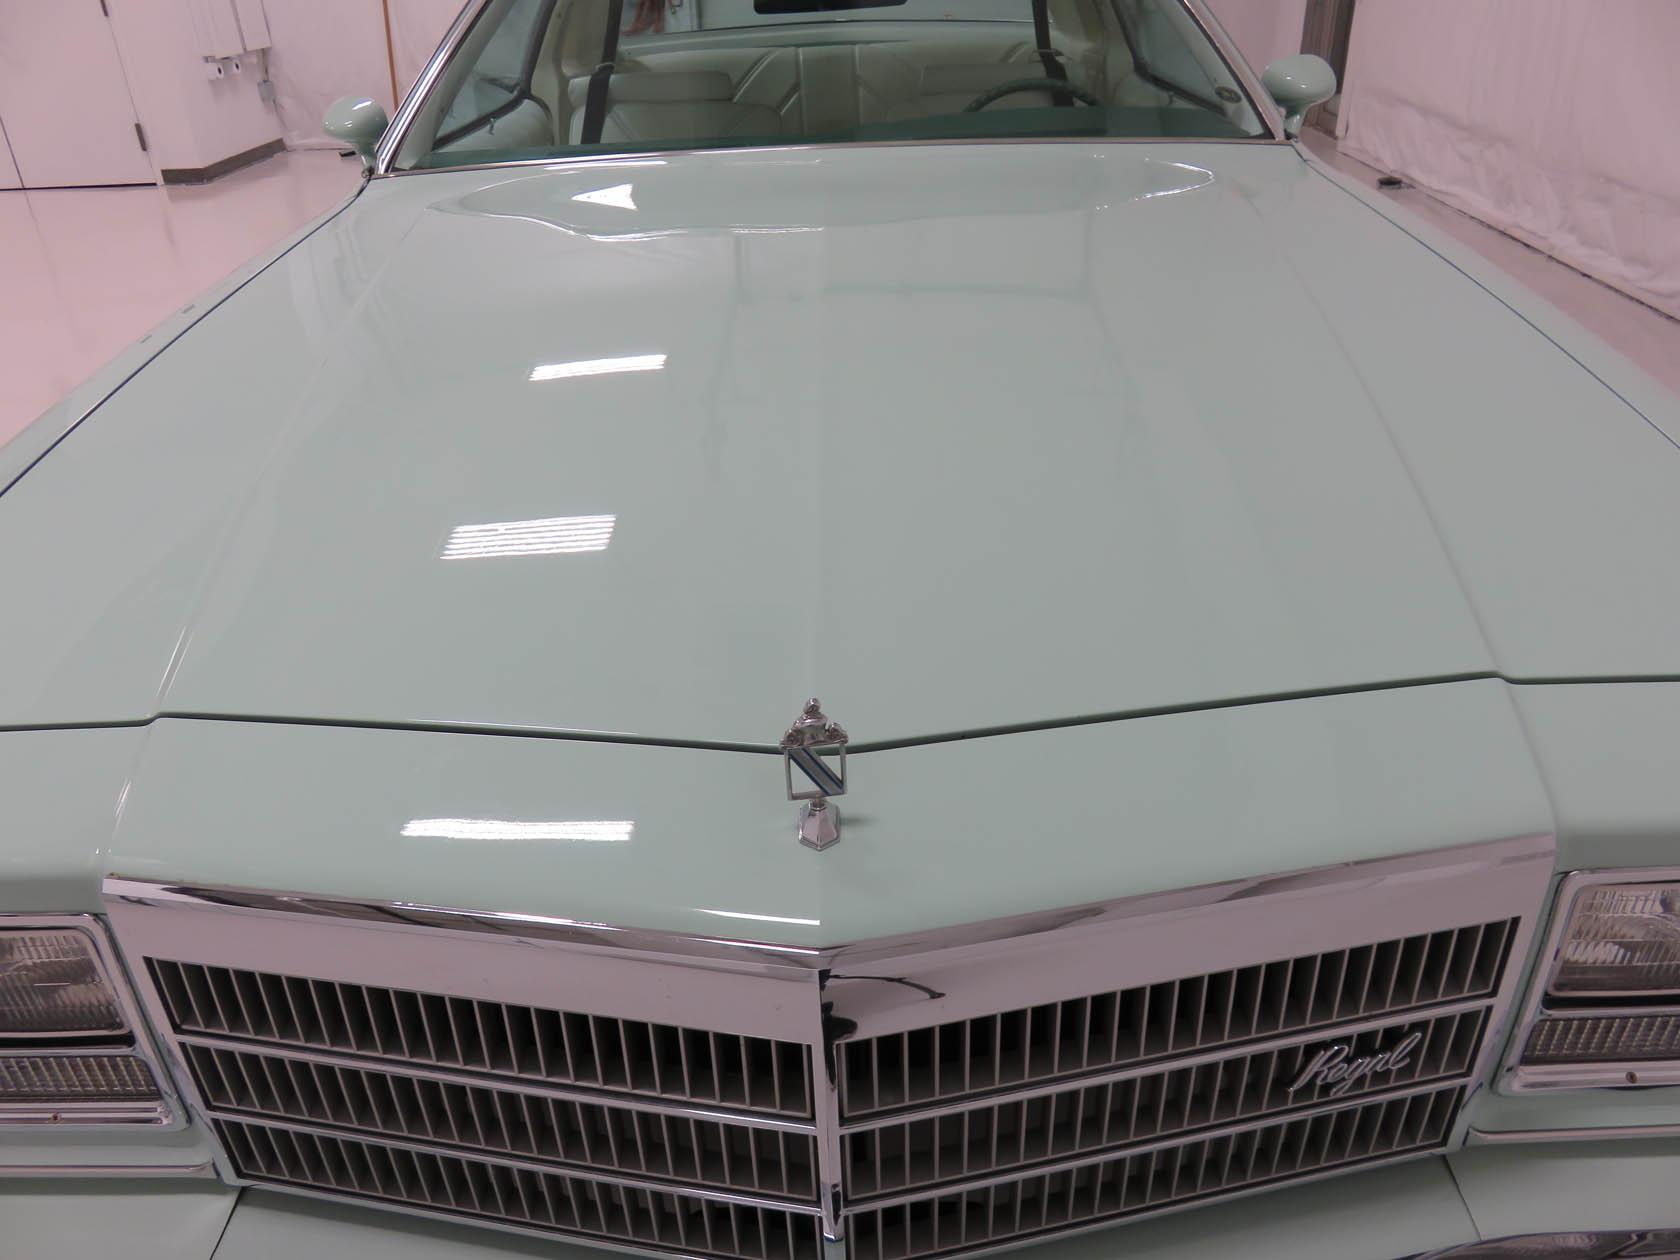 Michael Esposito - 1974 Oldsmobile Cutlasss Supreme 353